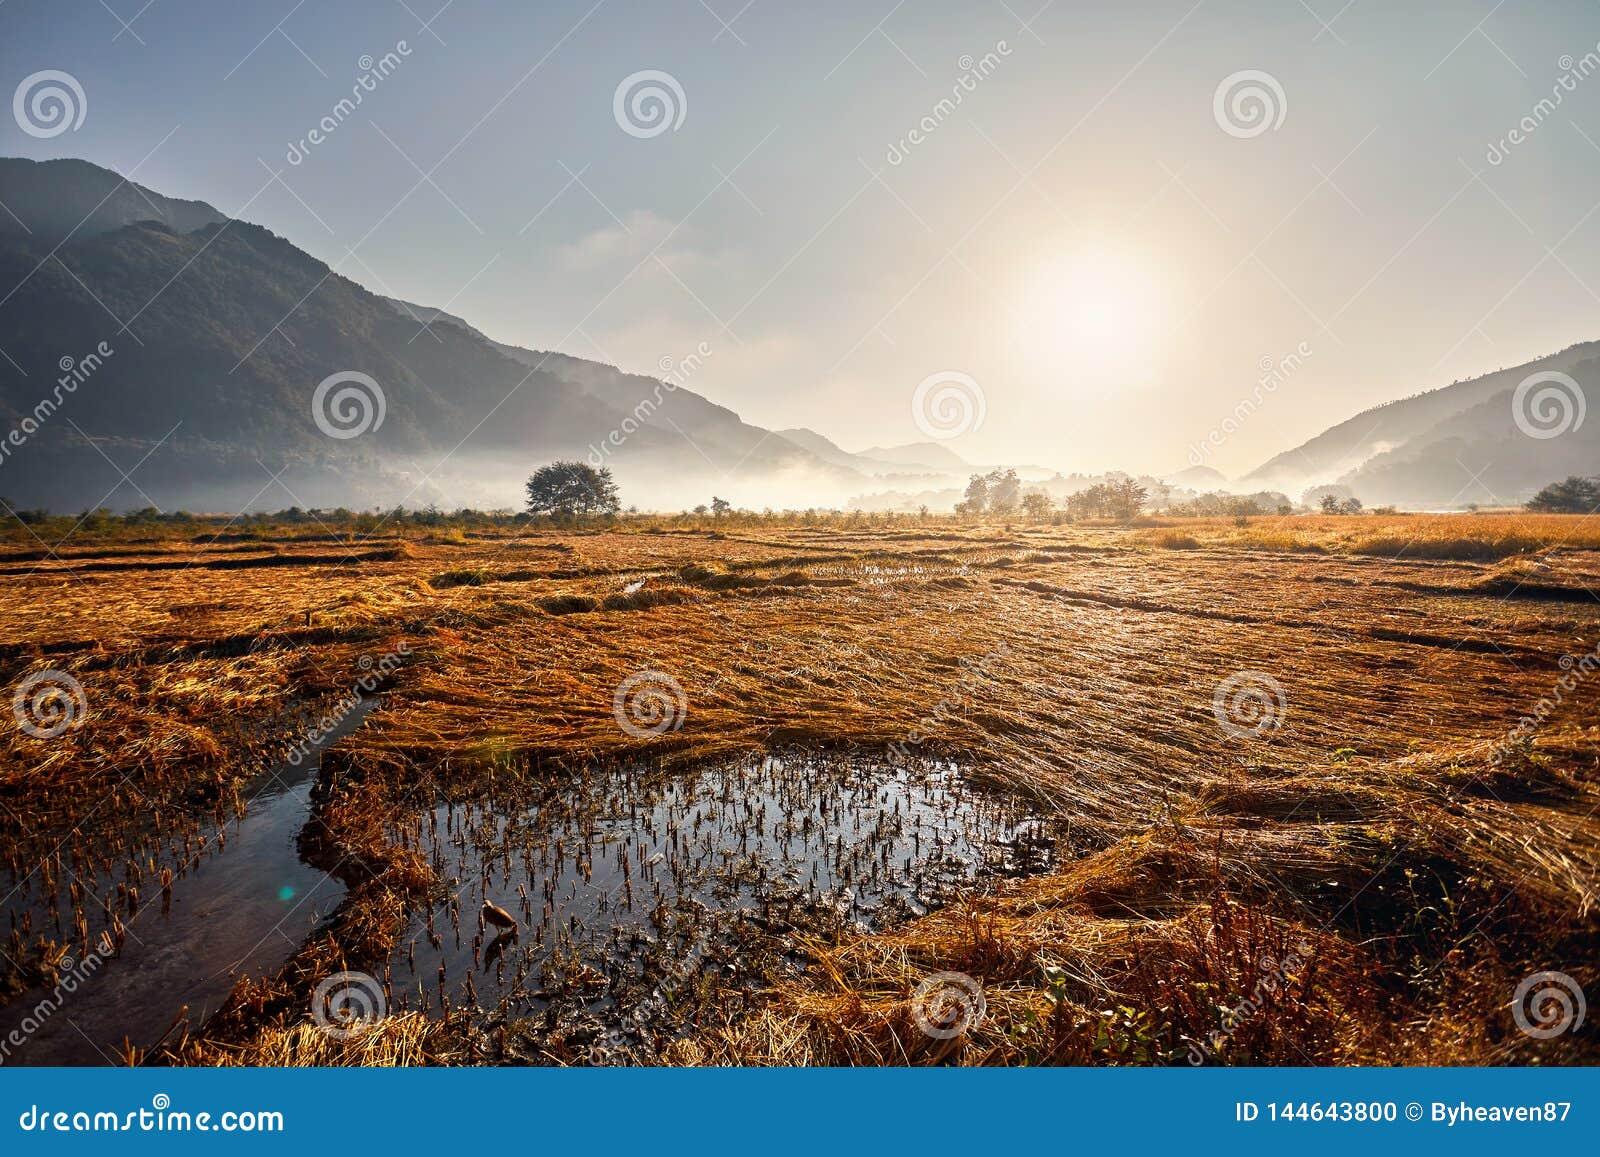 Поле риса в деревне непальца